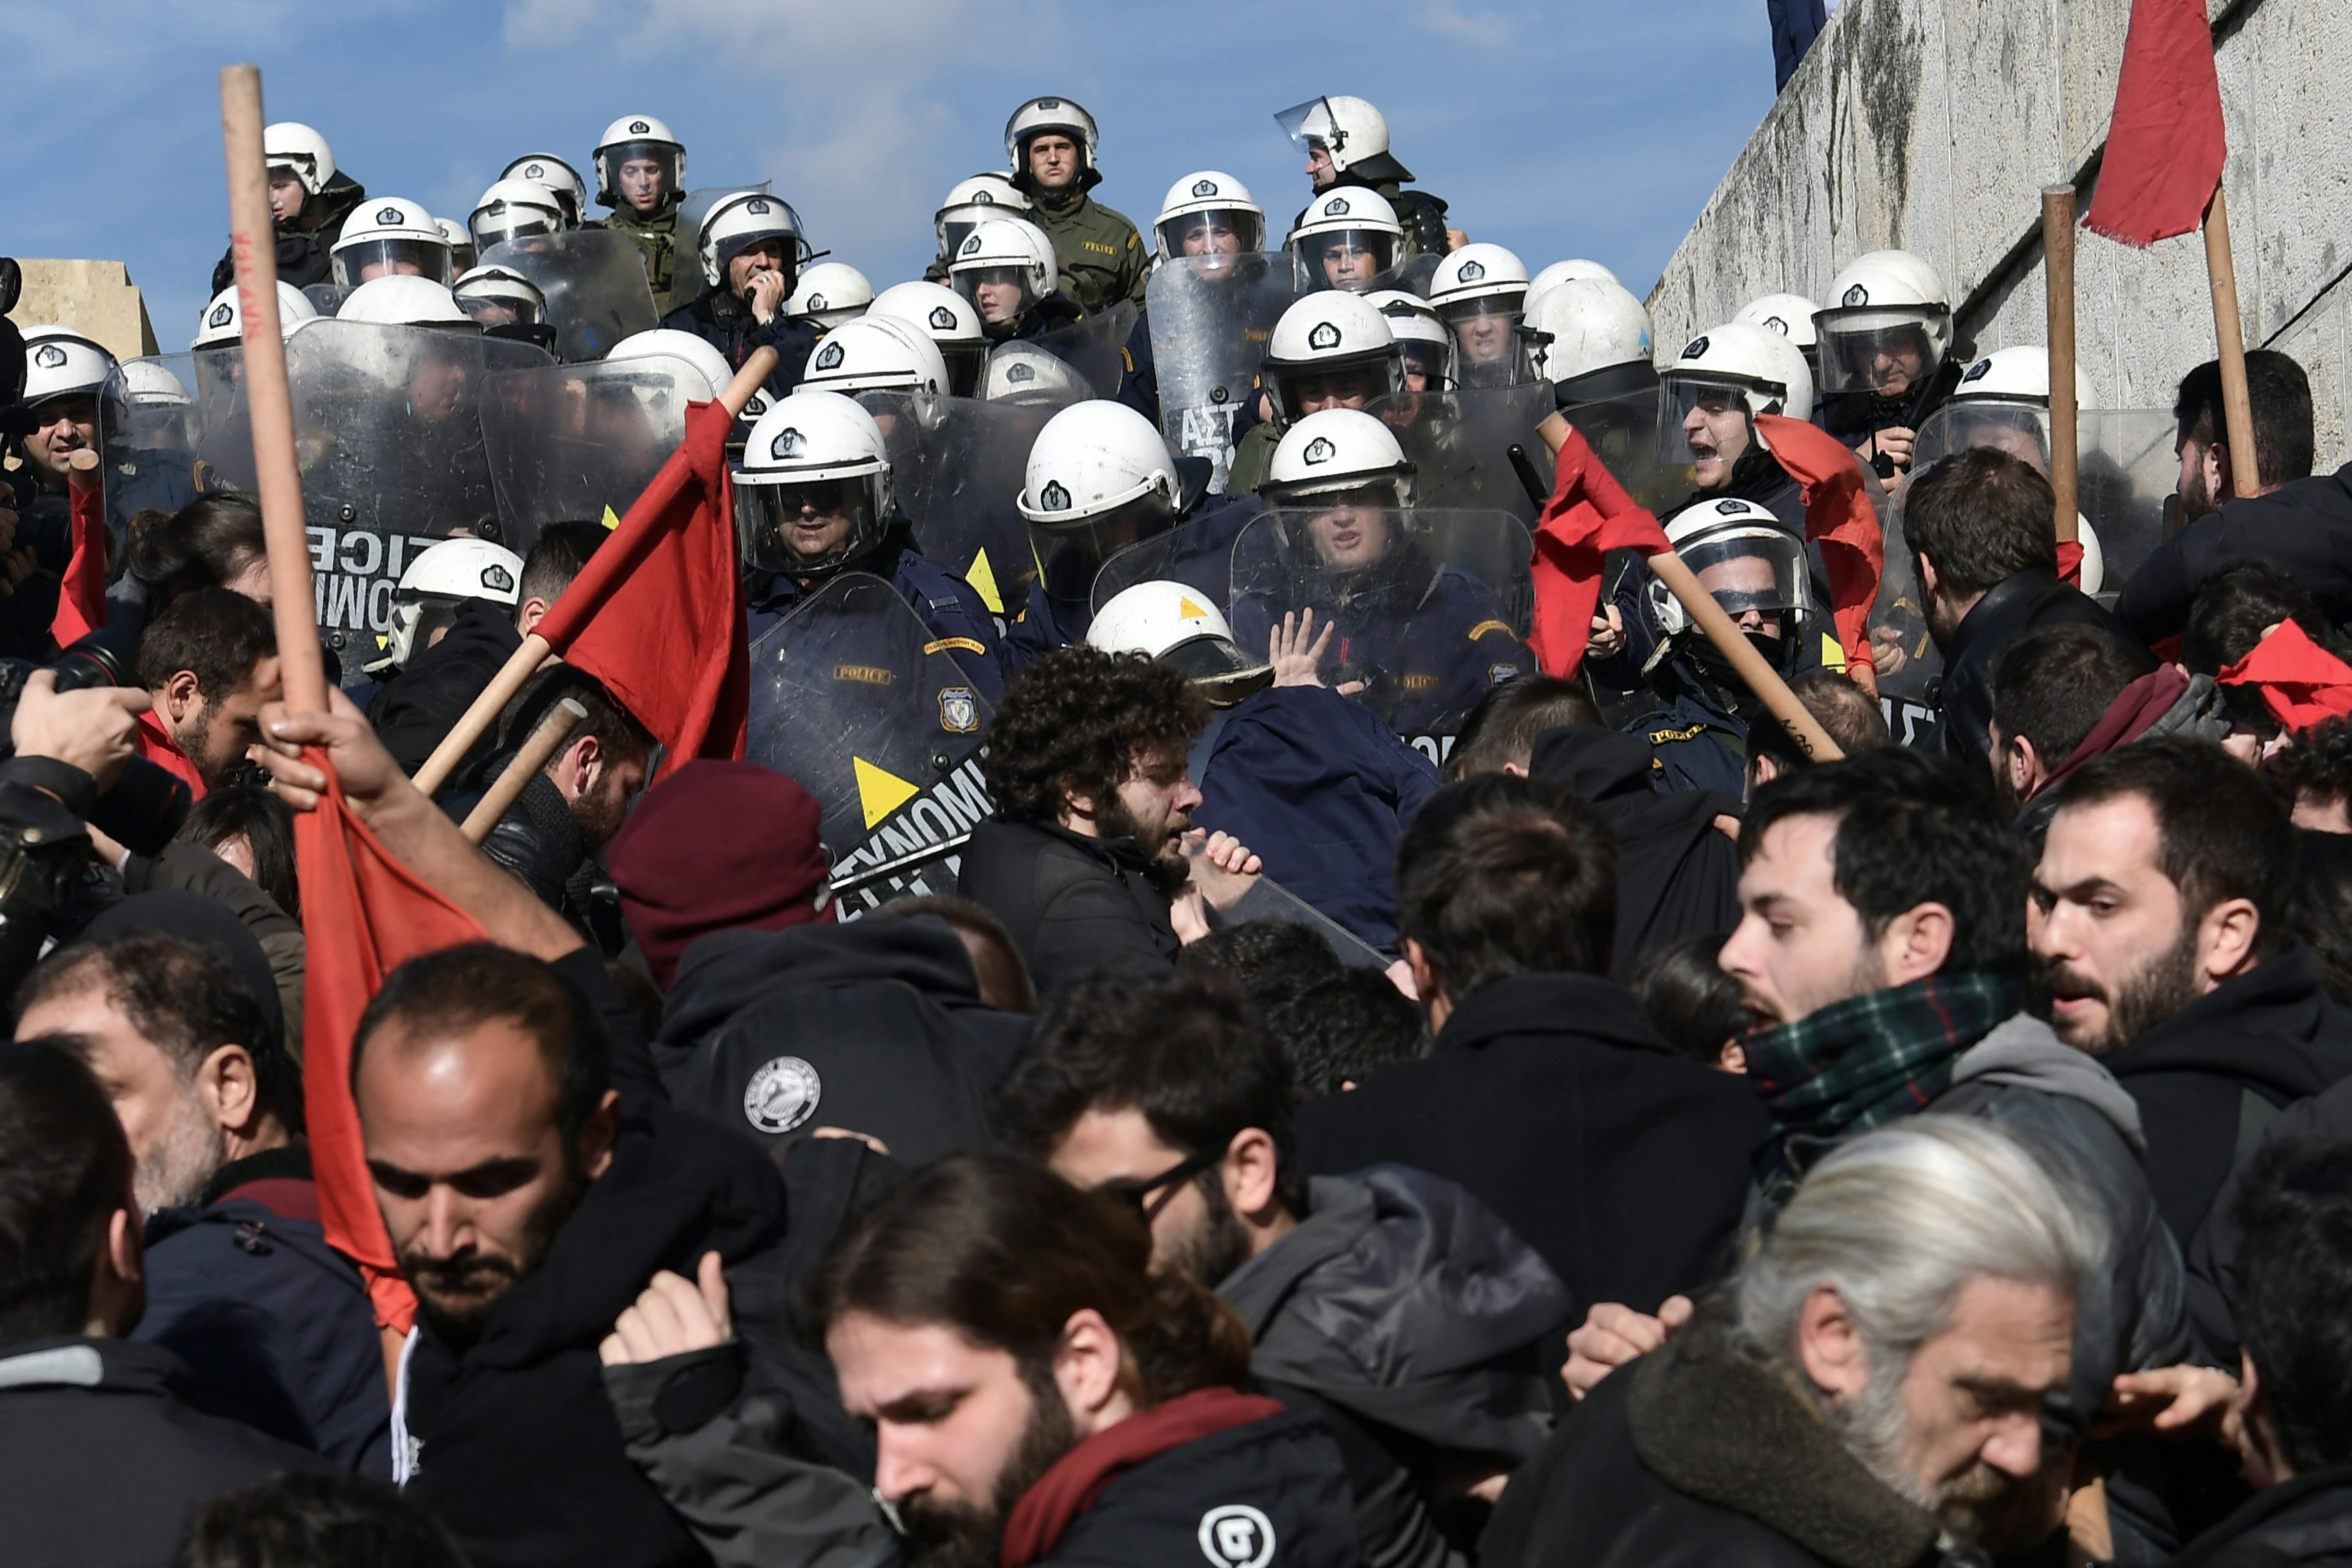 قوات الأمن اليونانية ومتظاهرين